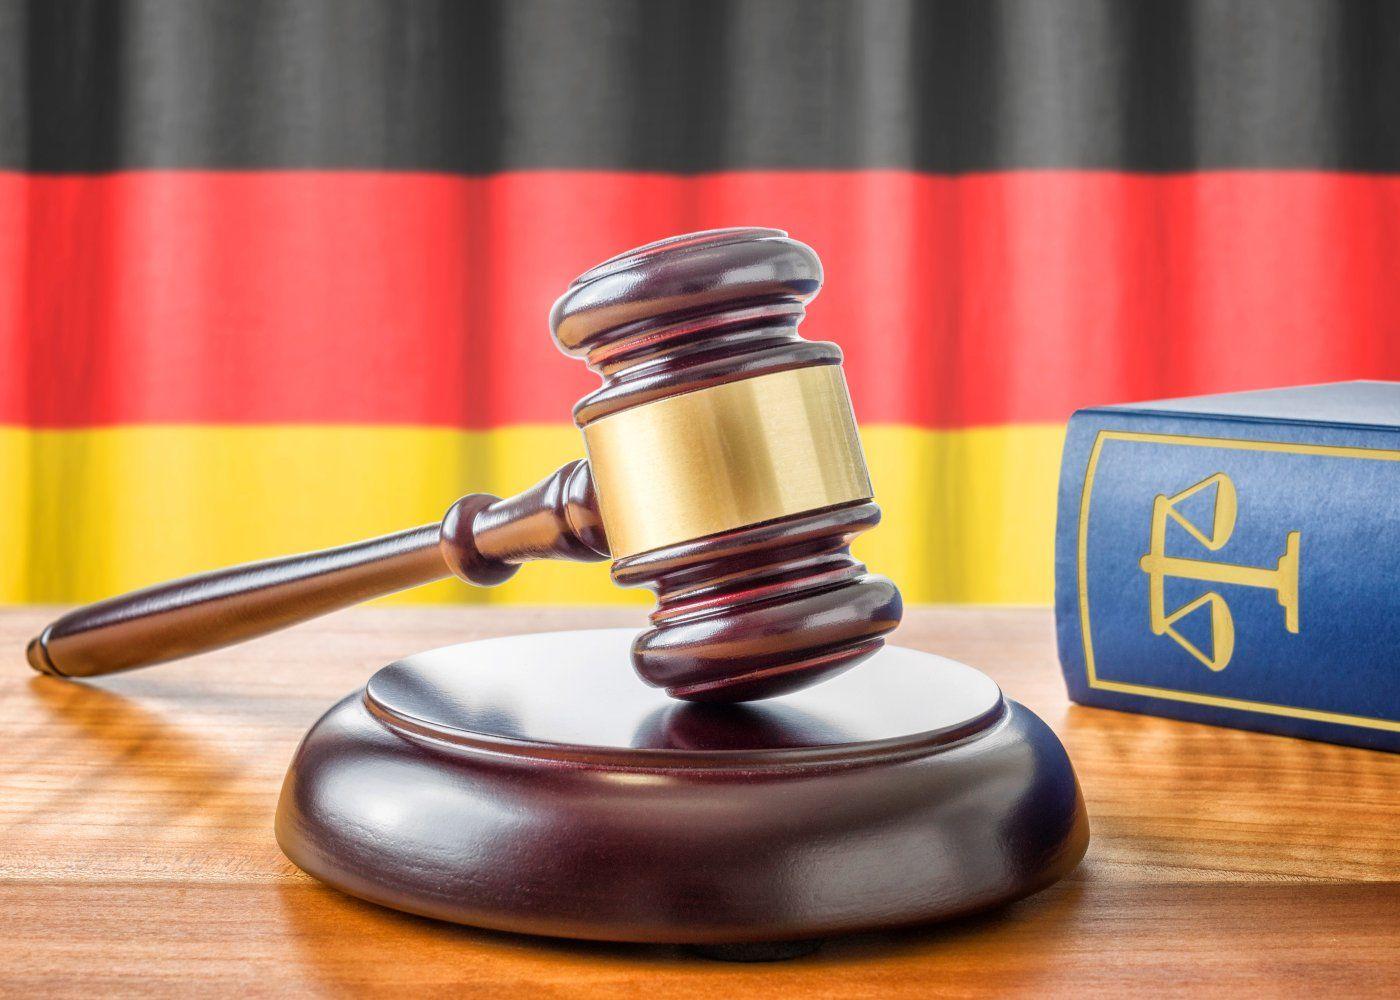 Deutsches Waffenrecht für Messer